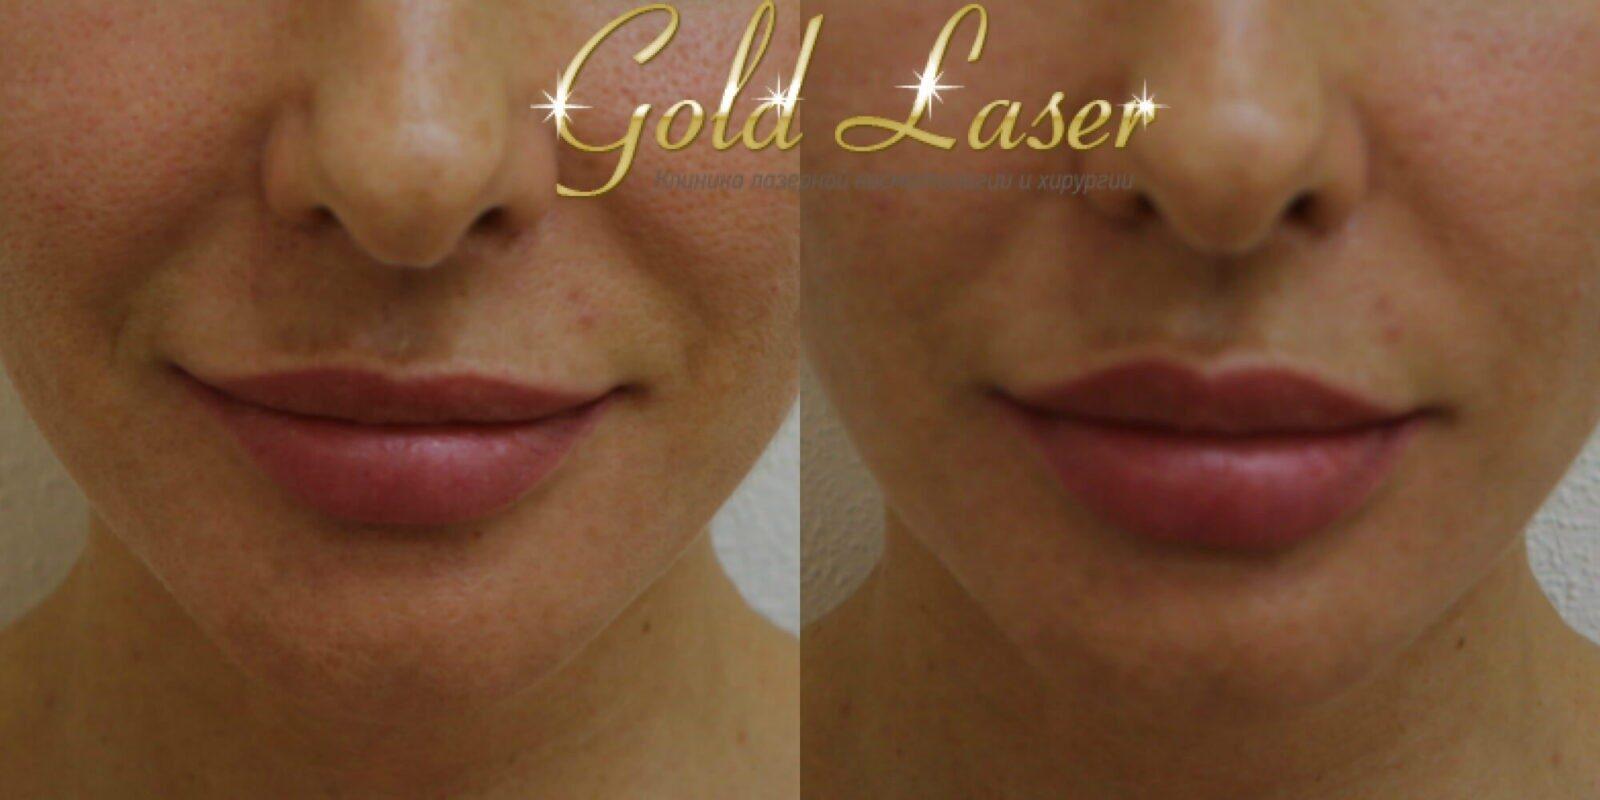 Контурная пластика губ в Gold Laser Киев фото 16